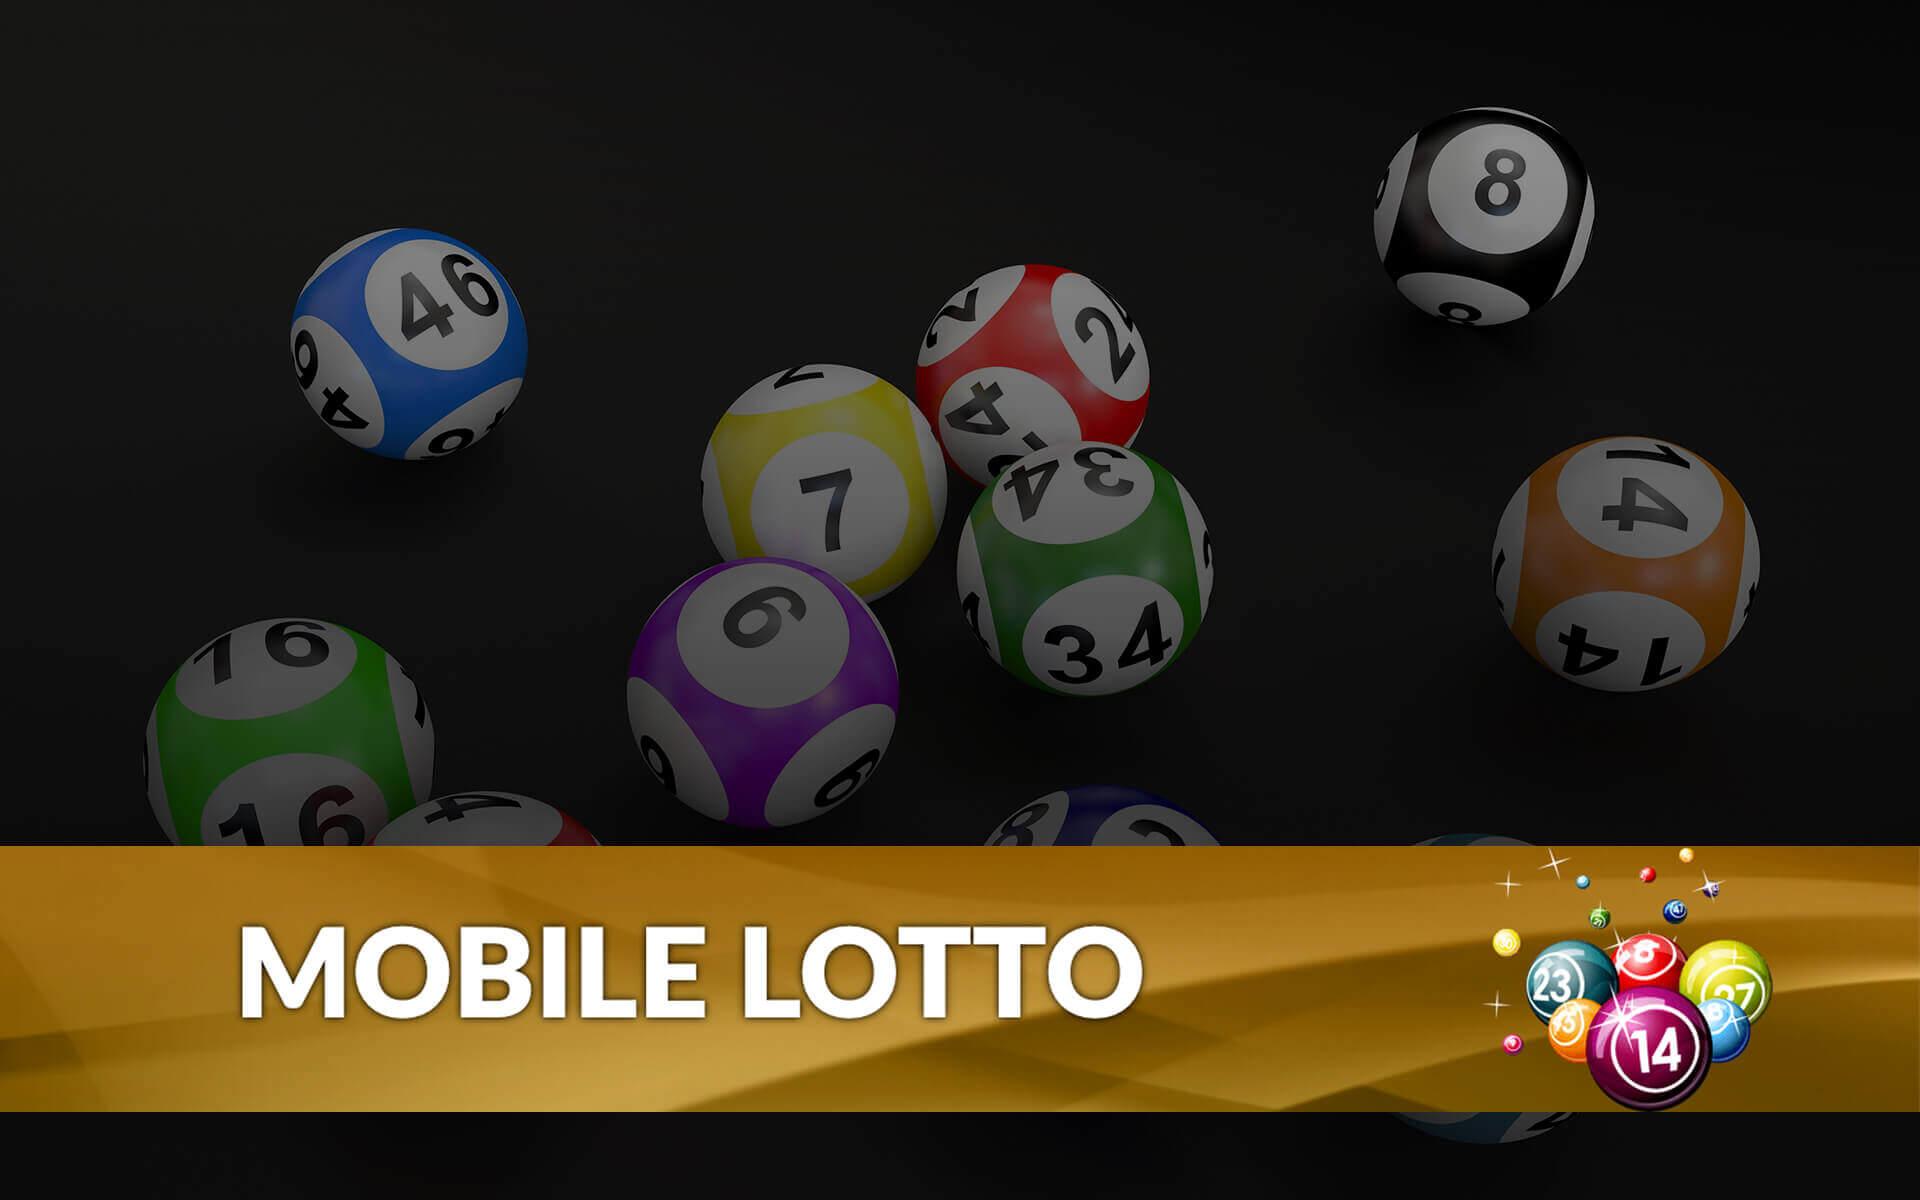 Mobile Lotto